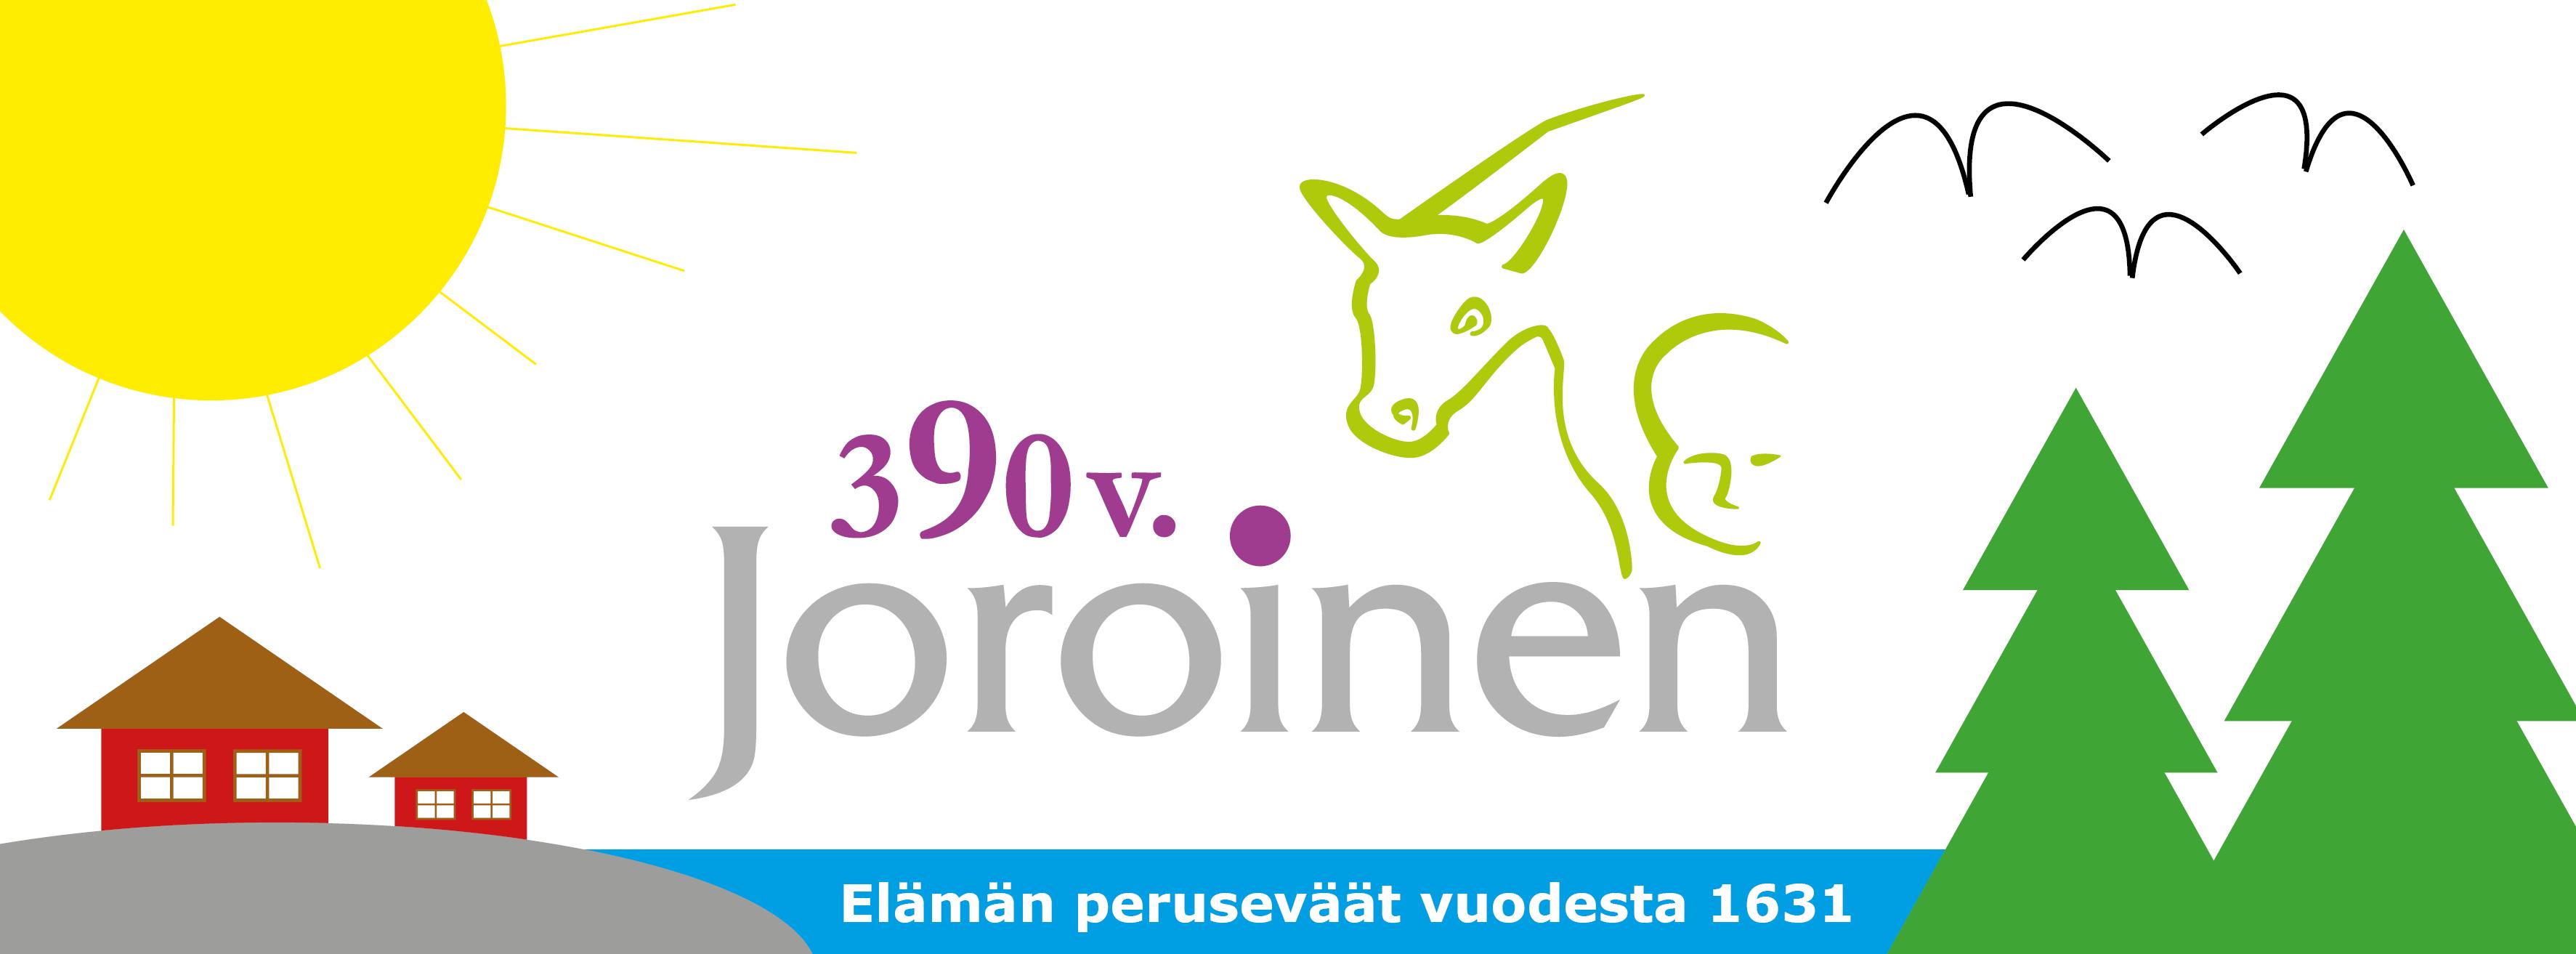 https://www.joroinen.fi/uploads/images/Joroinen_390v_ajankohtaista.png